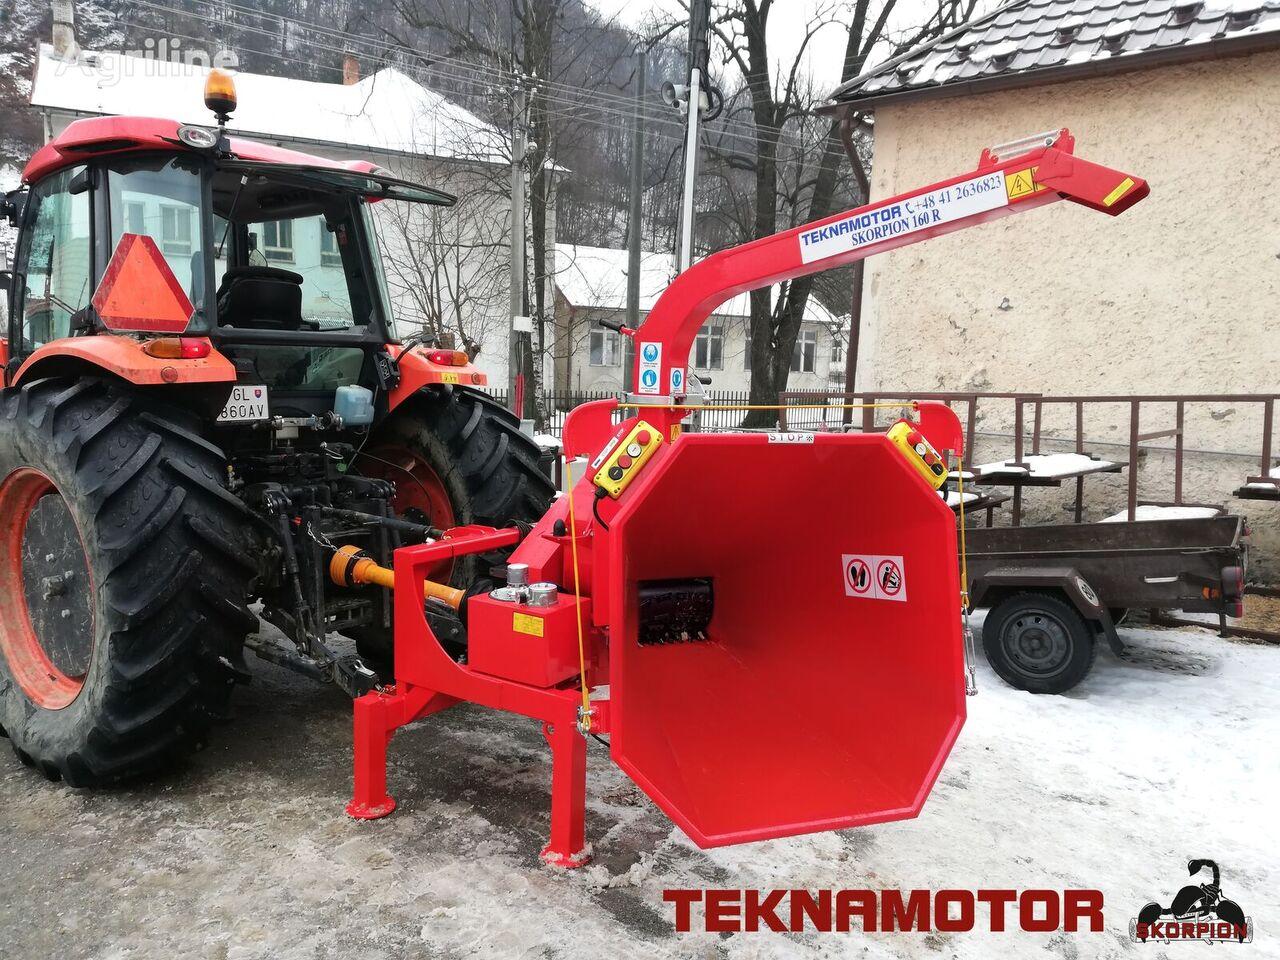 TEKNAMOTOR Skorpion 160 R biotrituradora nueva